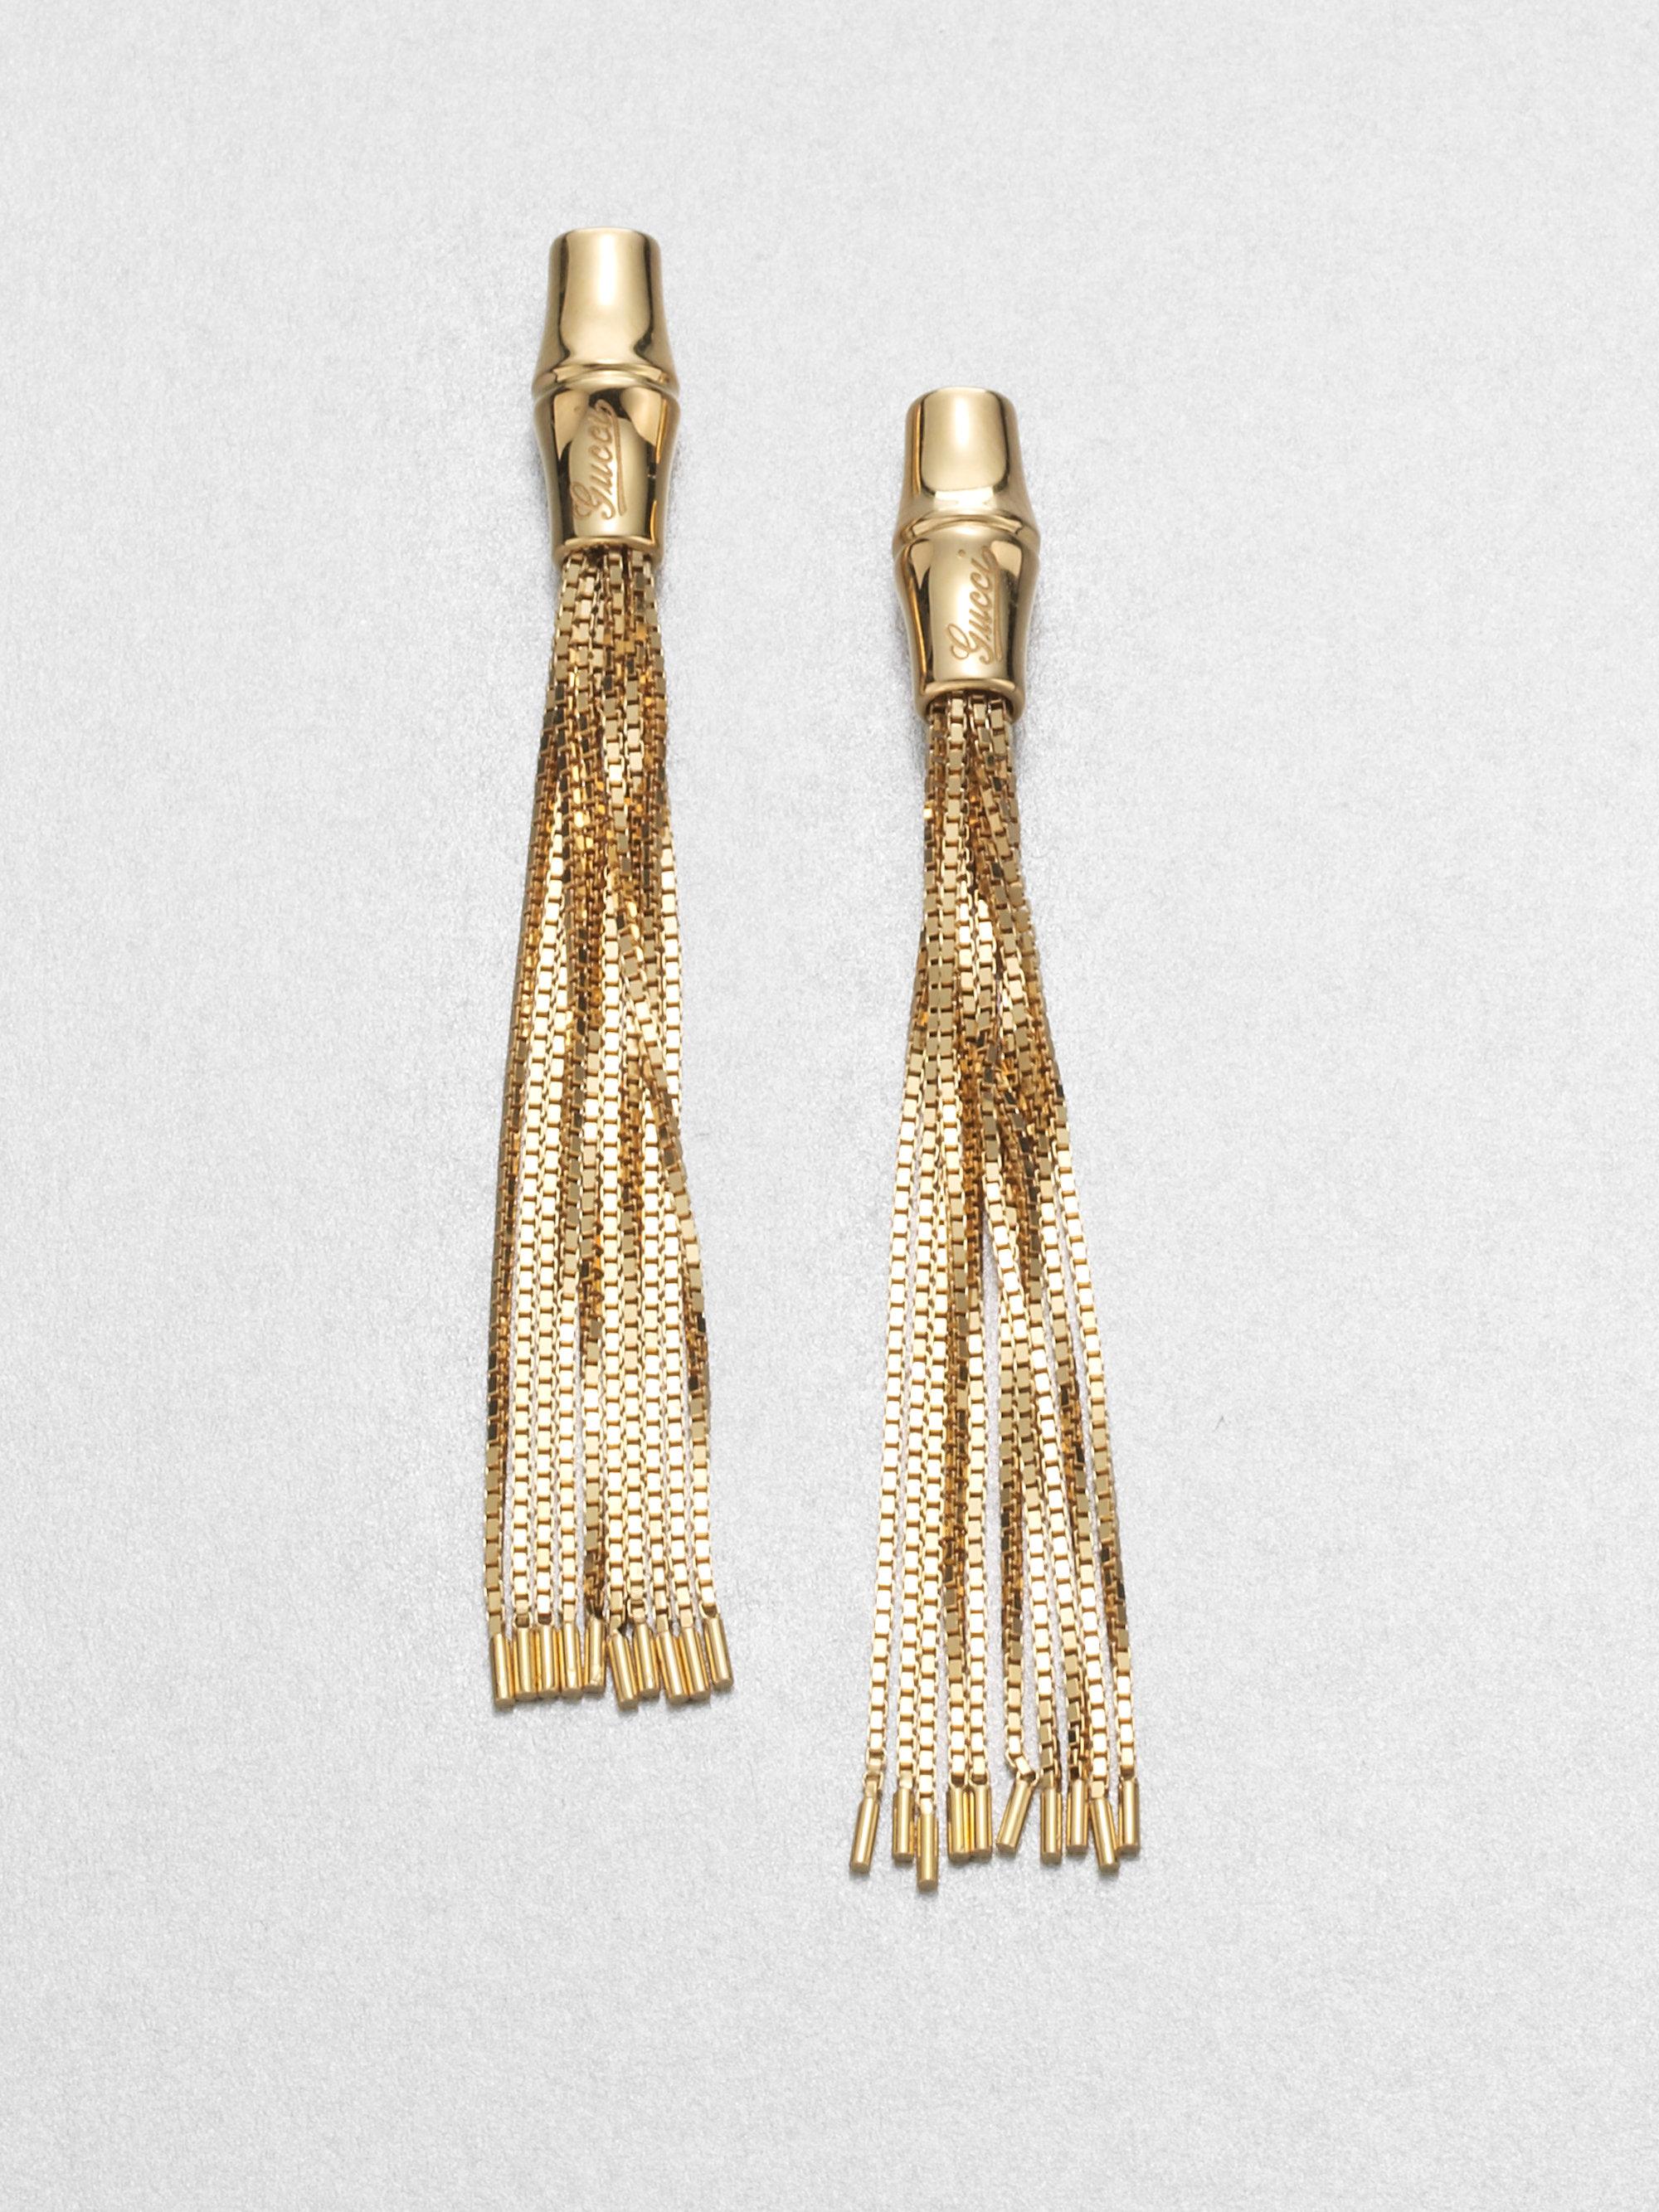 Gucci Bamboo 18k Yellow Gold Tassel Earrings in Metallic